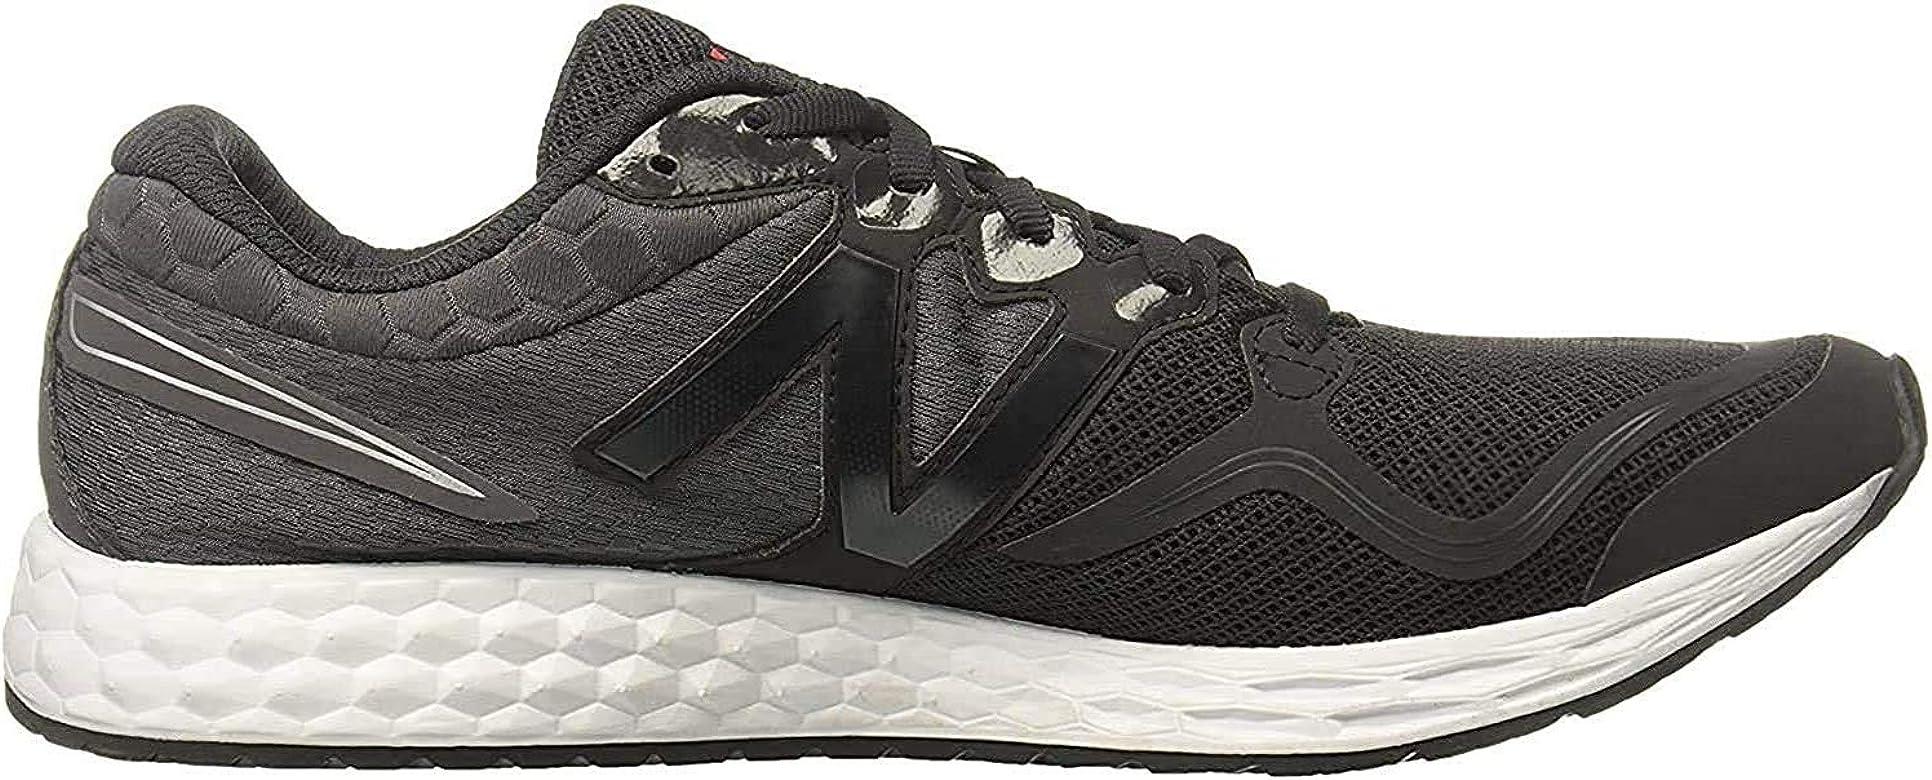 New Balance MVNZV1 - Zapatillas de correr para hombre, espuma fresca, 8.5 UK – Ancho 2E, imán/fantasma: Amazon.es: Zapatos y complementos